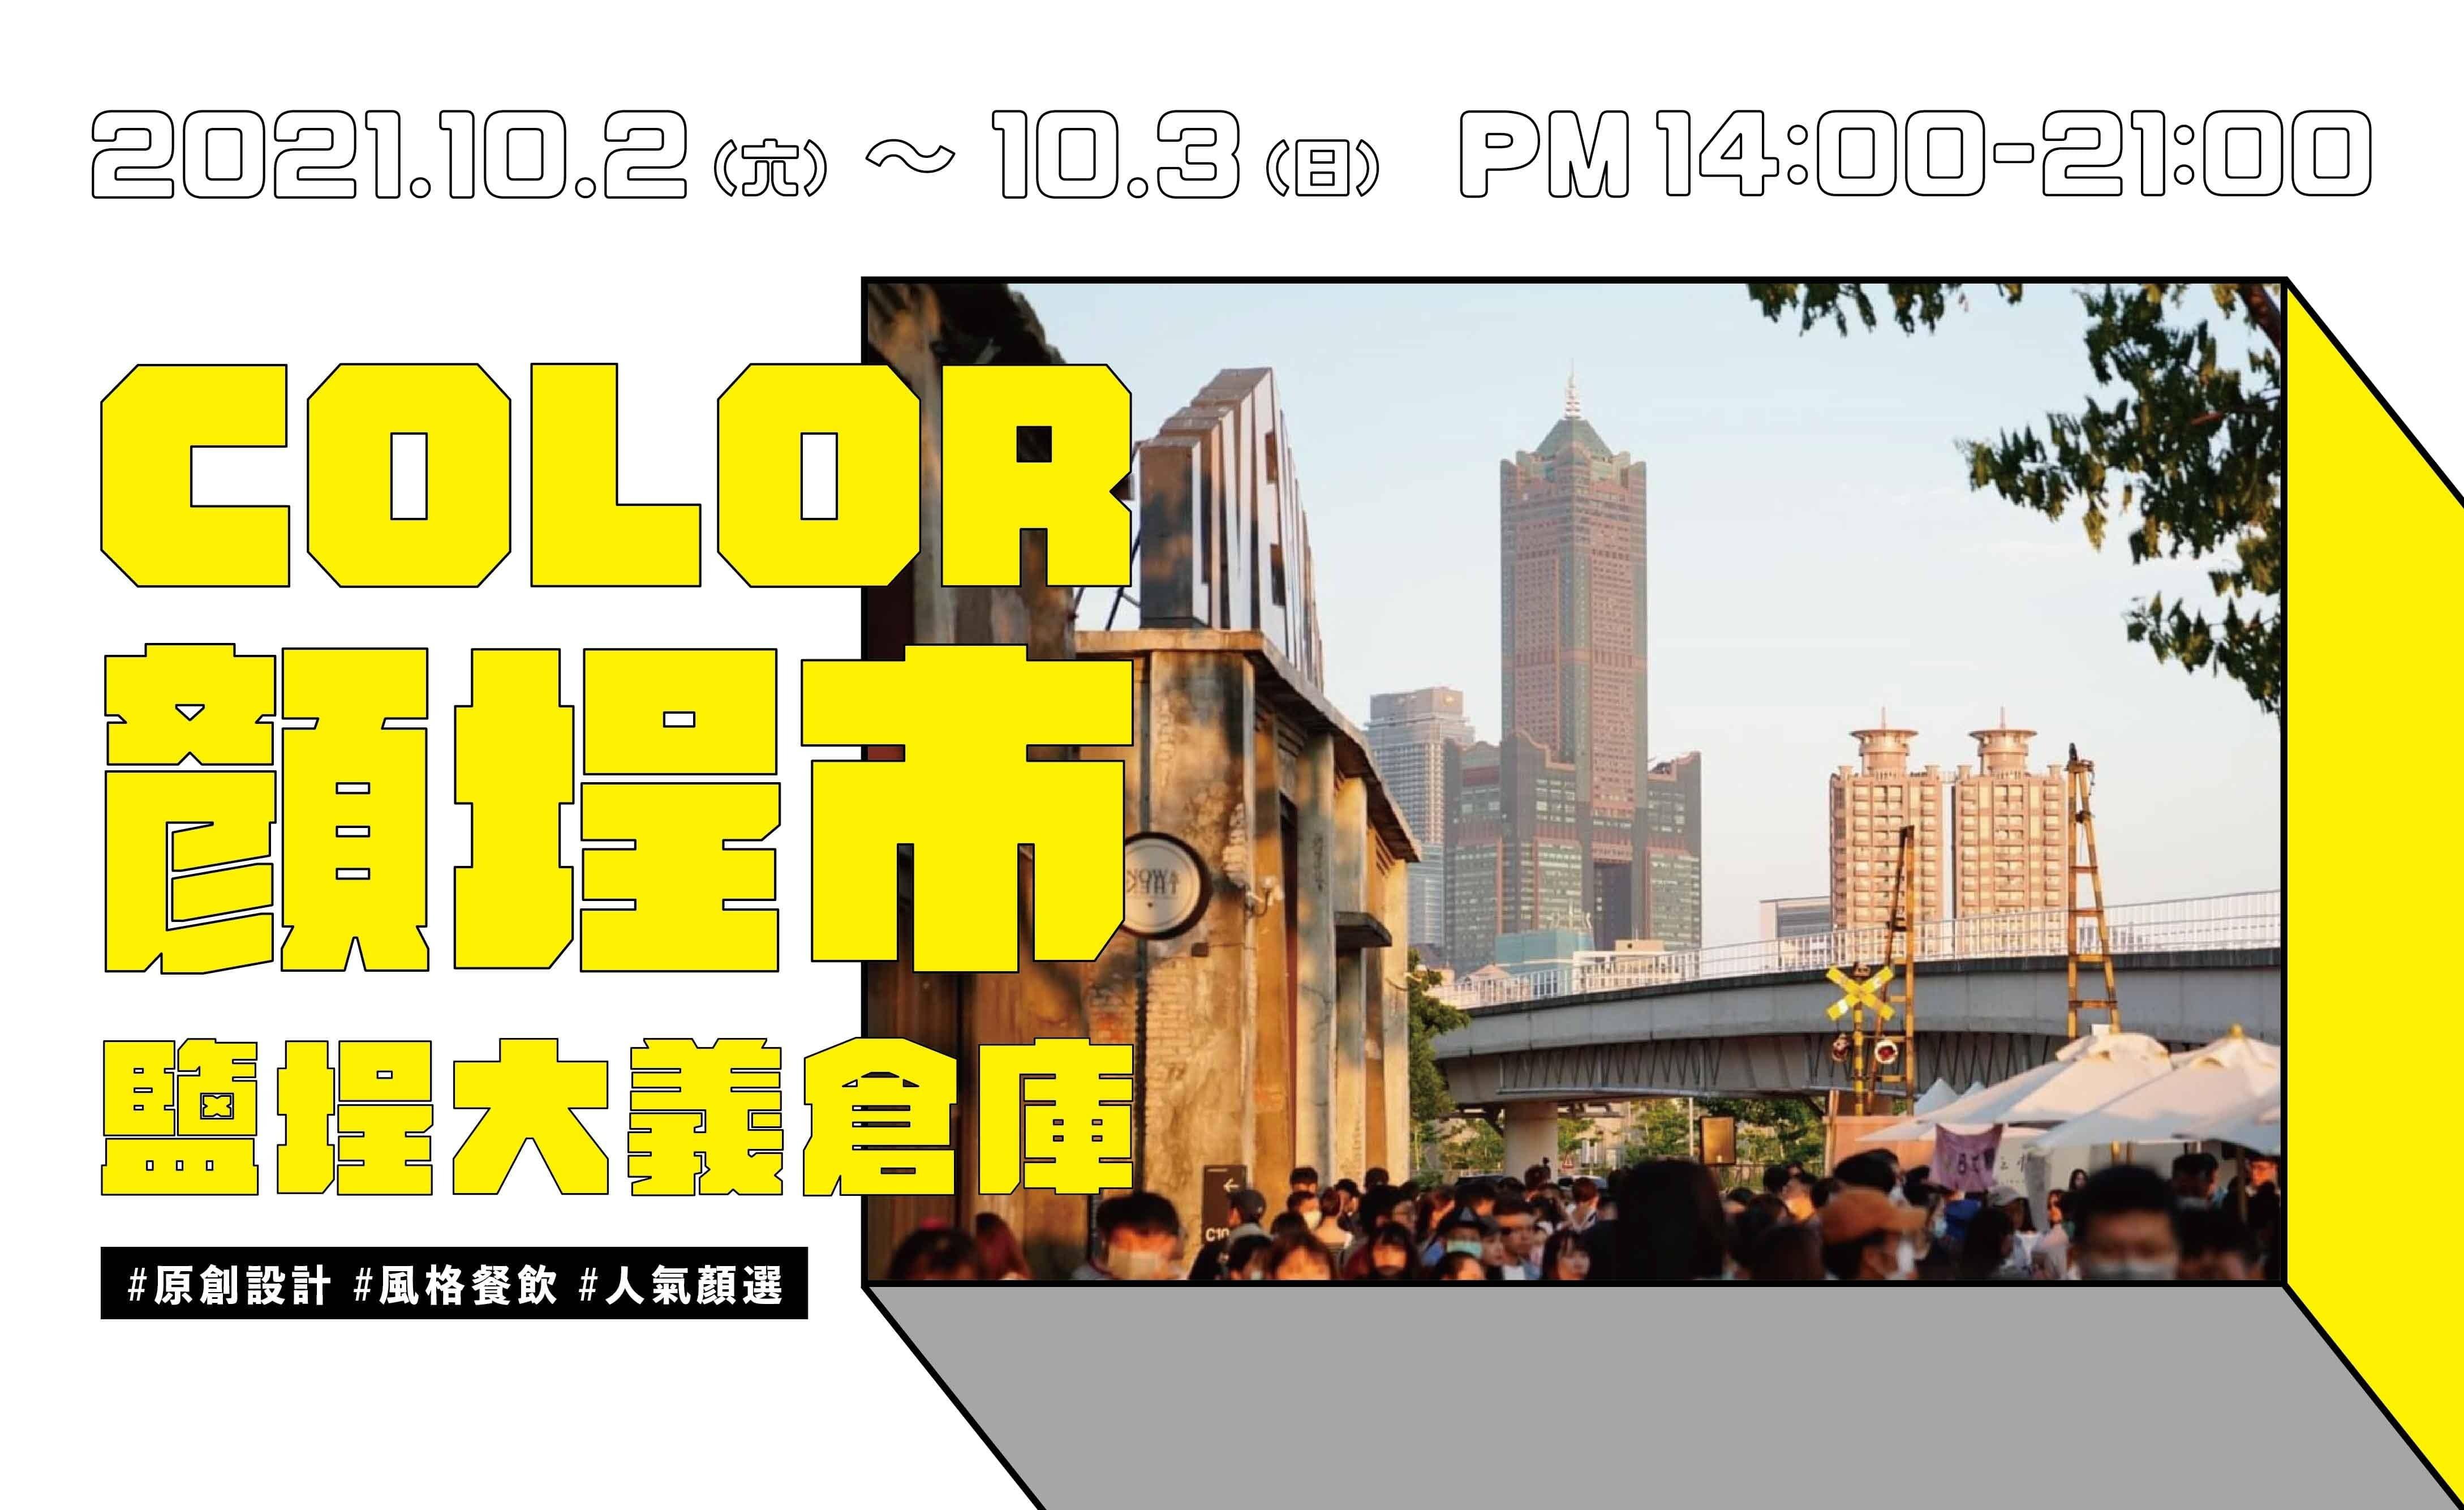 10.02 – 10.11 ▸ 駁二大勇+大義.國慶煙火.COLOR 顏埕市